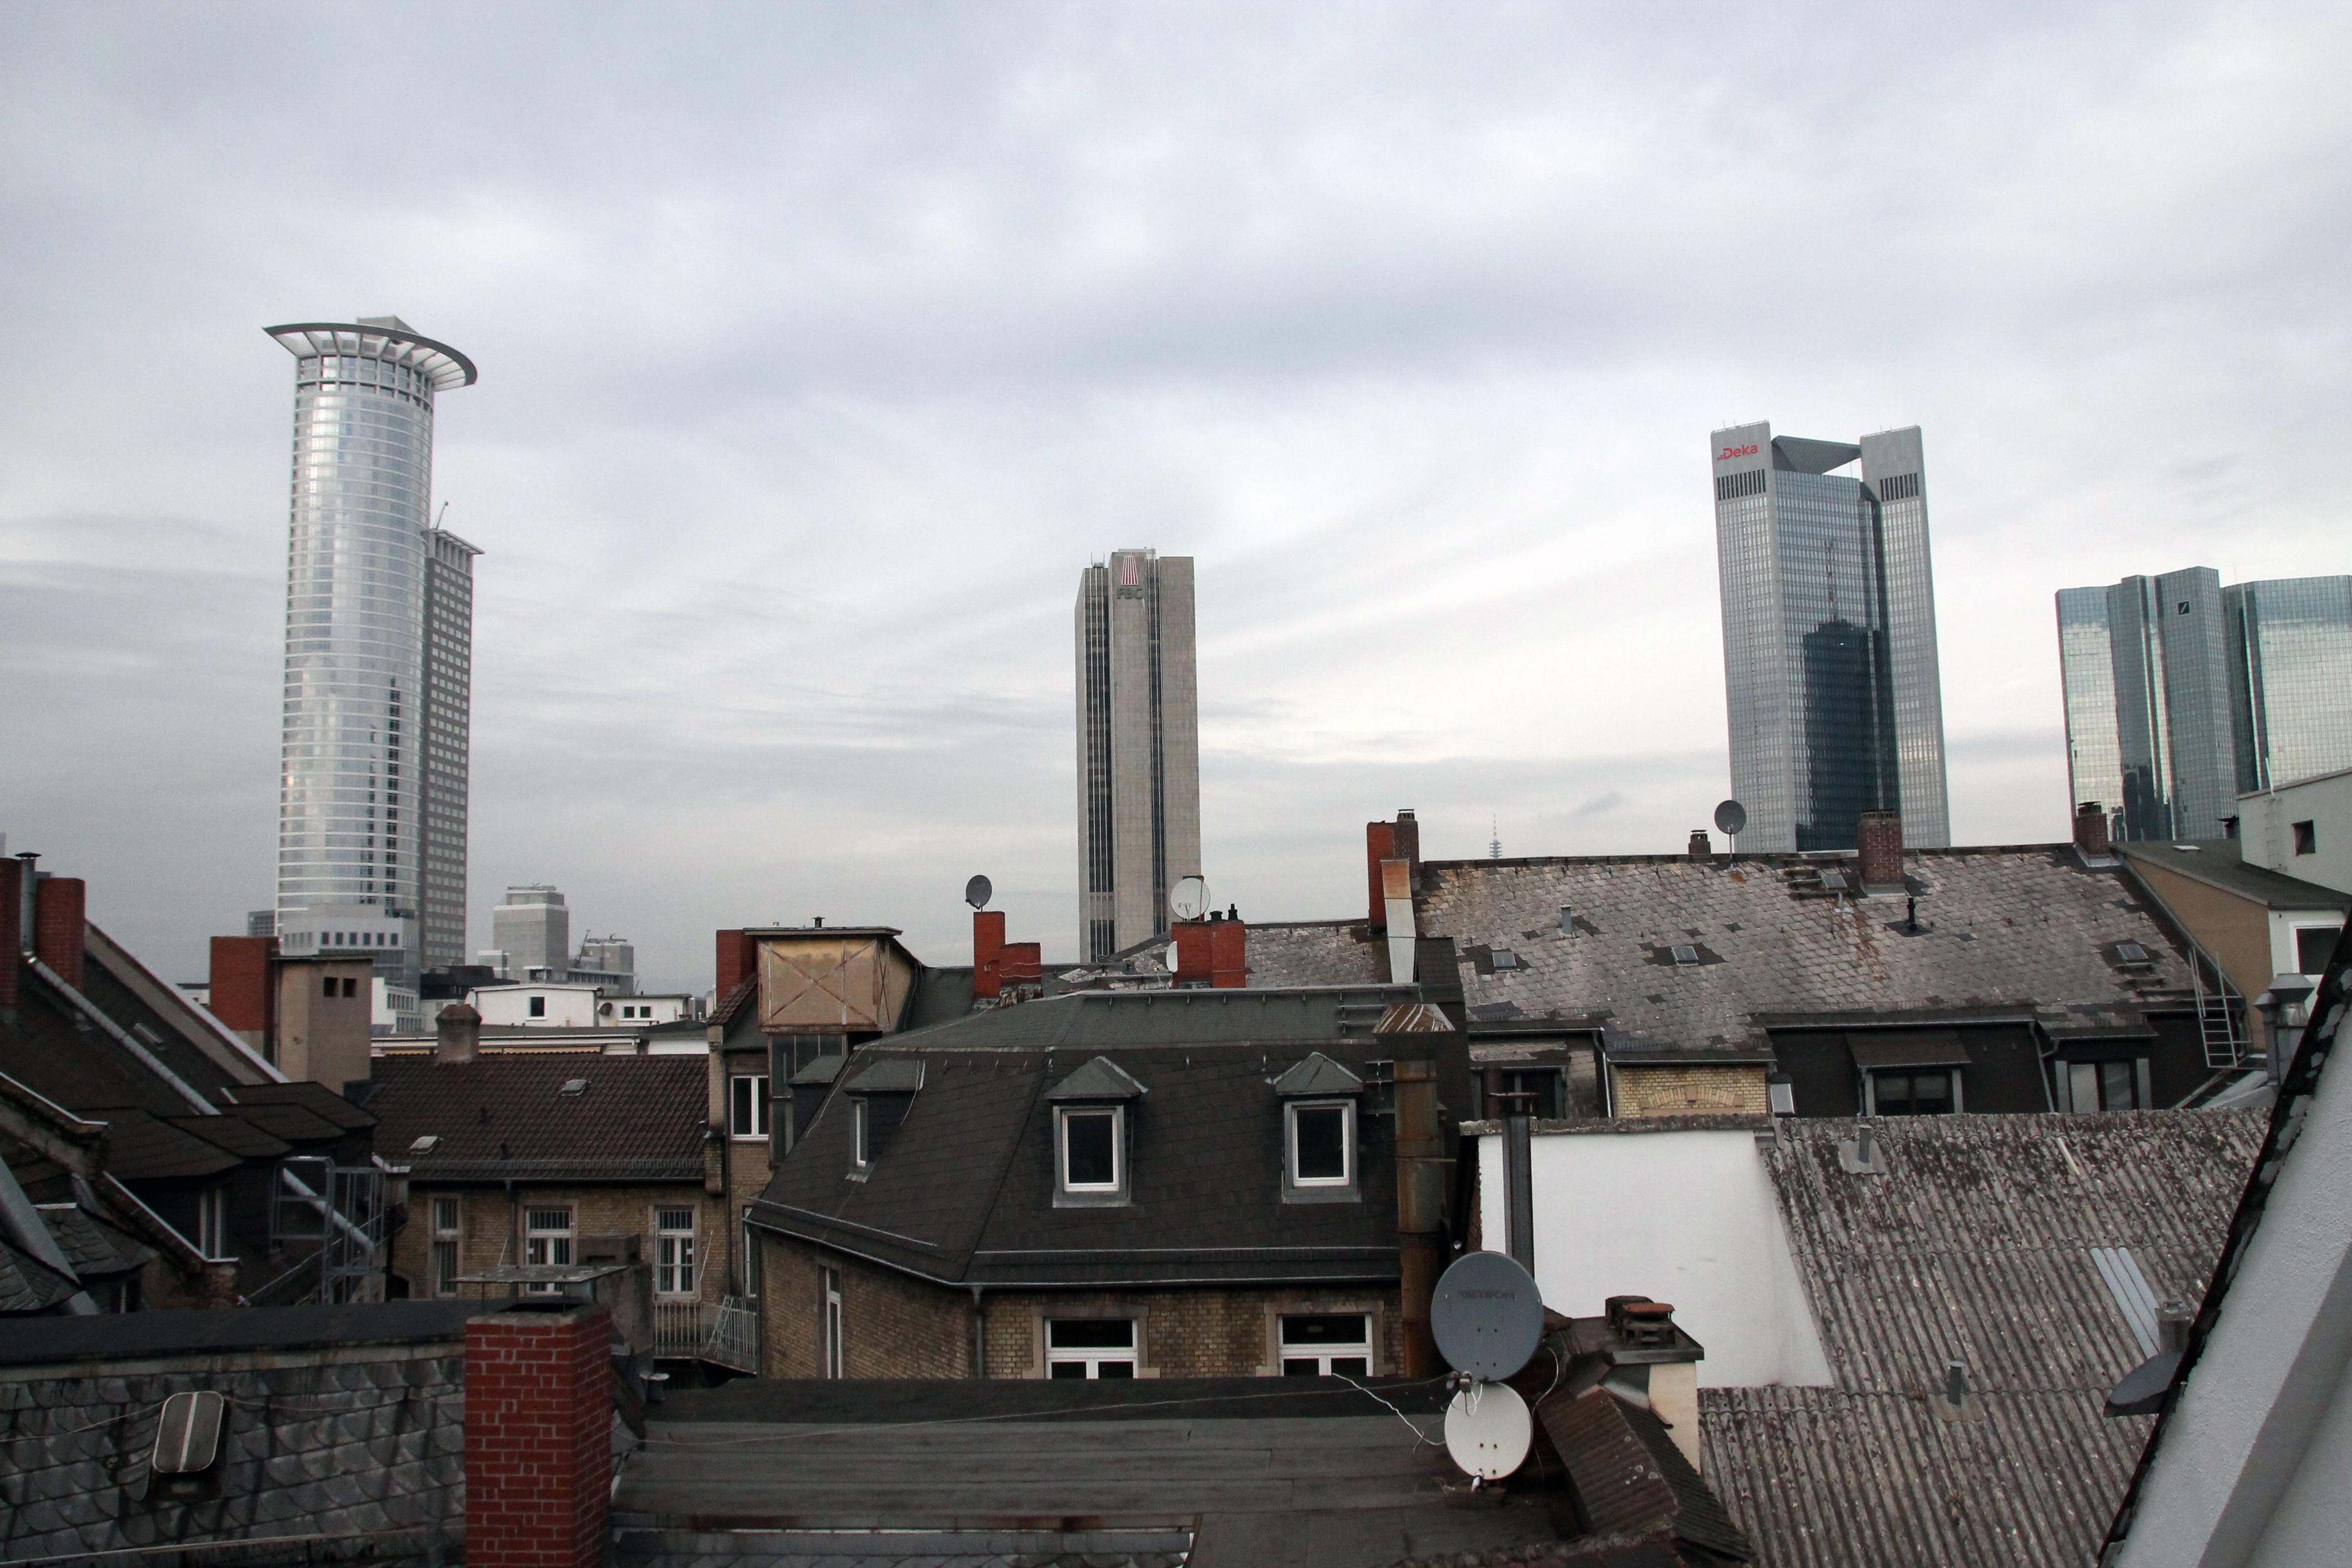 Schöne Aussicht Auf Die Skyline